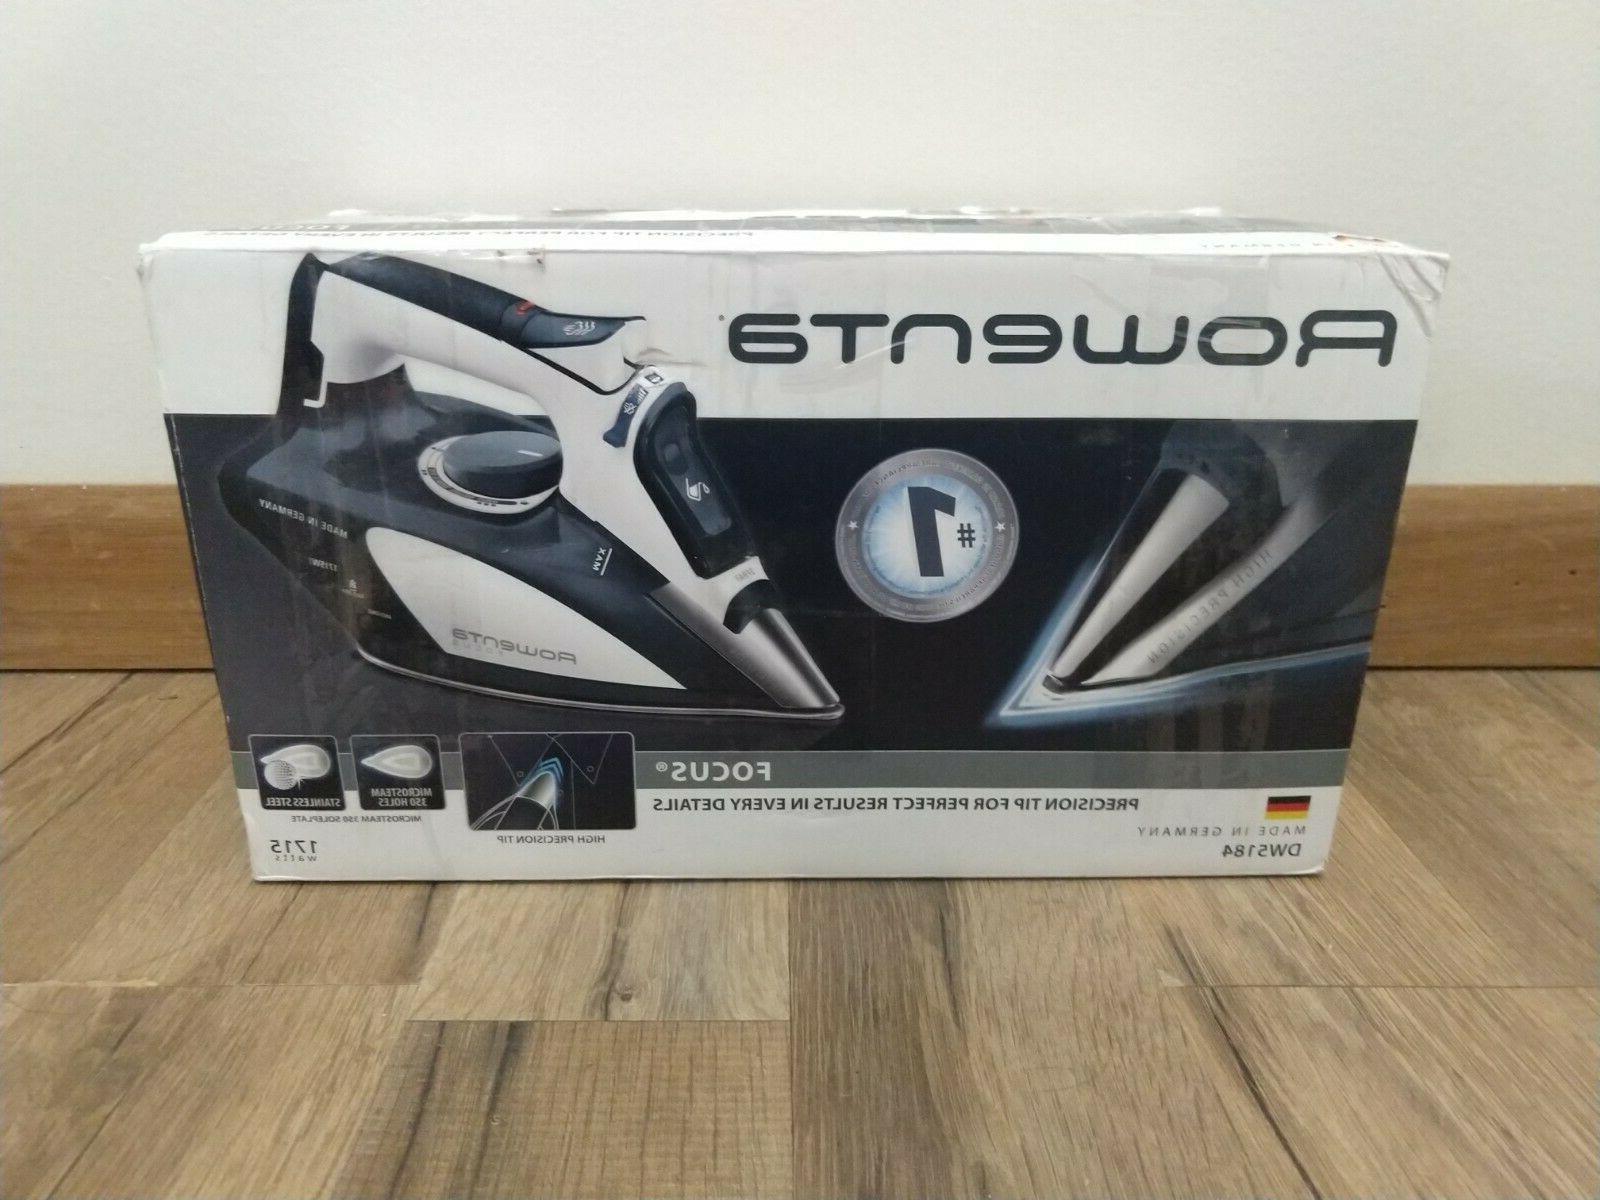 dw5184 1700 watt focus steam iron w